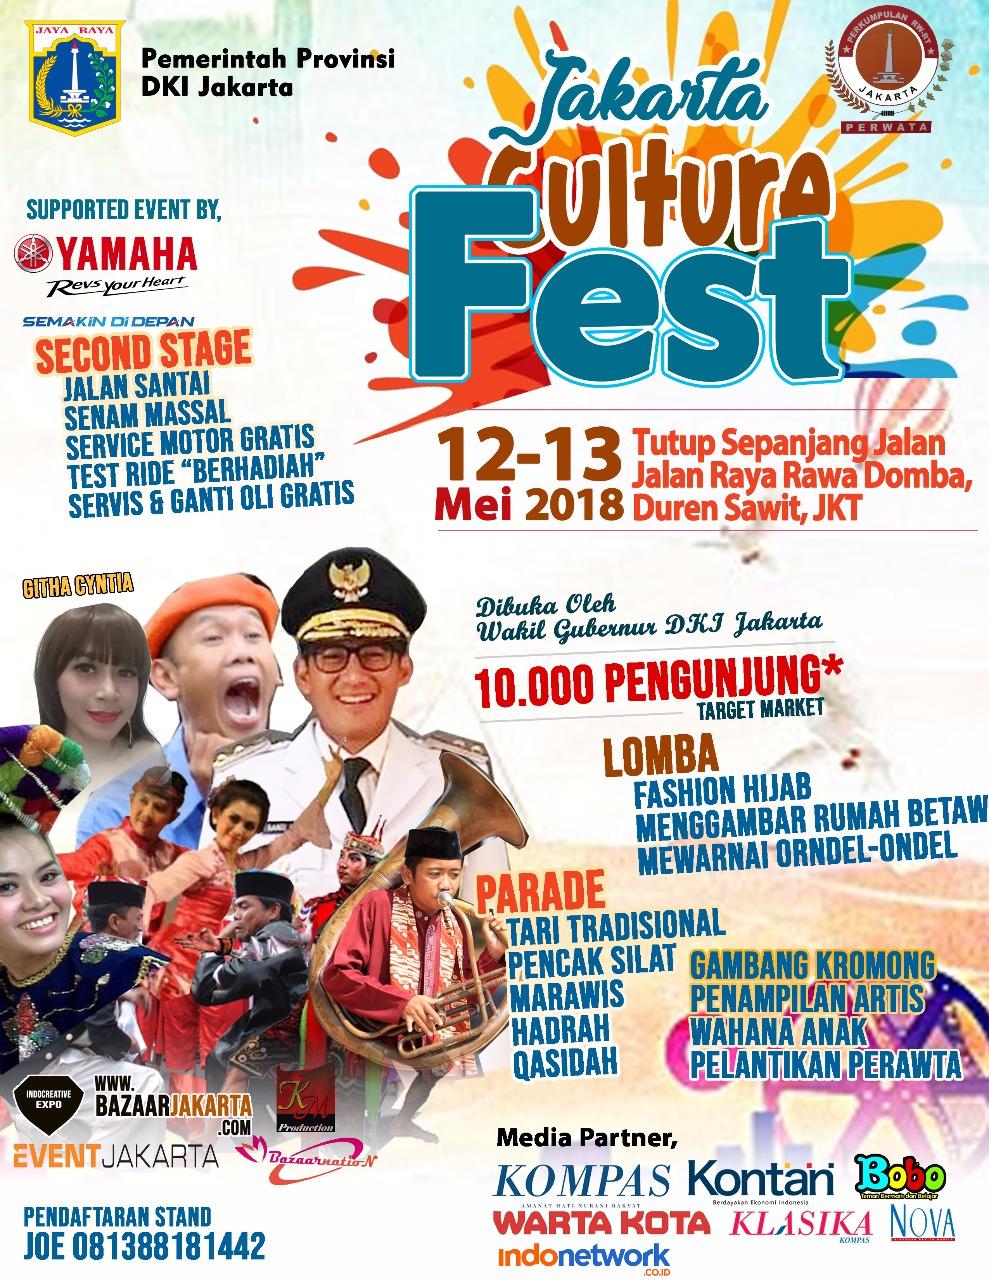 Jakarta culture Fest 2018 « Informasi Pameran, Event, dan Bazaar Indonesia